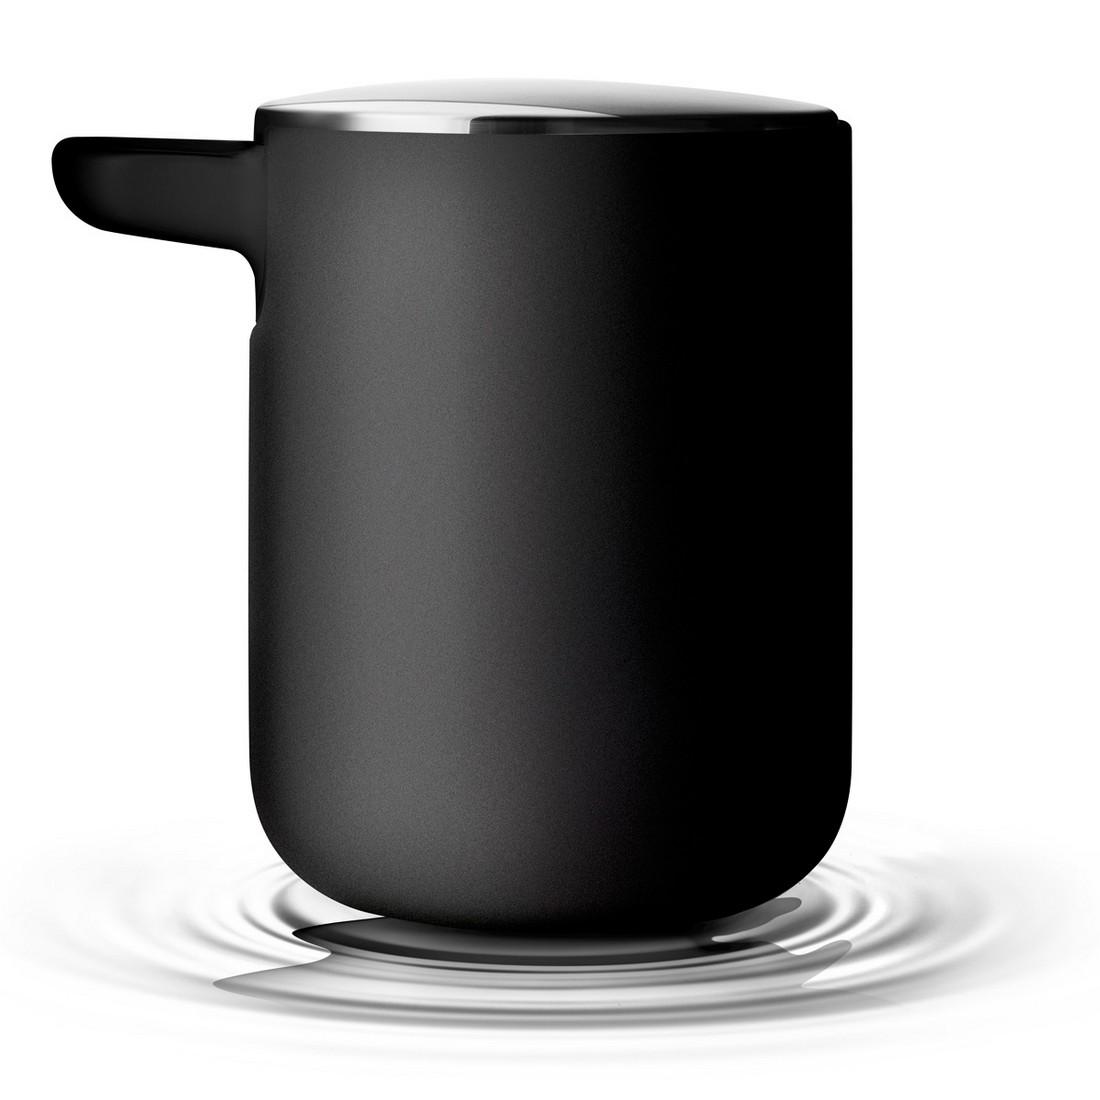 Seifenspender Norm Bath schwarz – rostfrei schwarz, Menu online bestellen